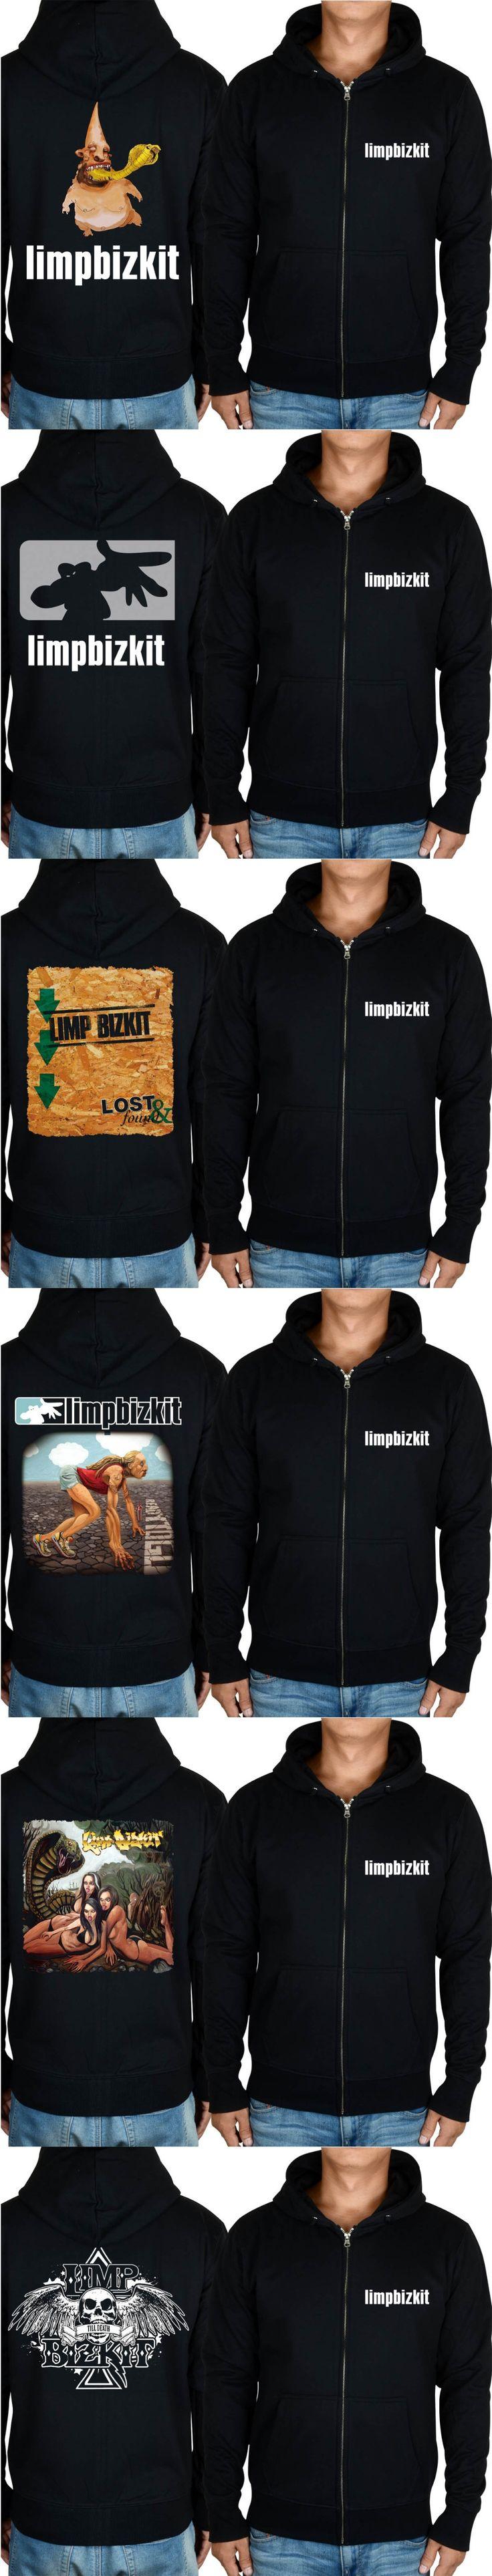 limp bizkit  Rap-metal  Nu-metal Gold  rock black hoodie